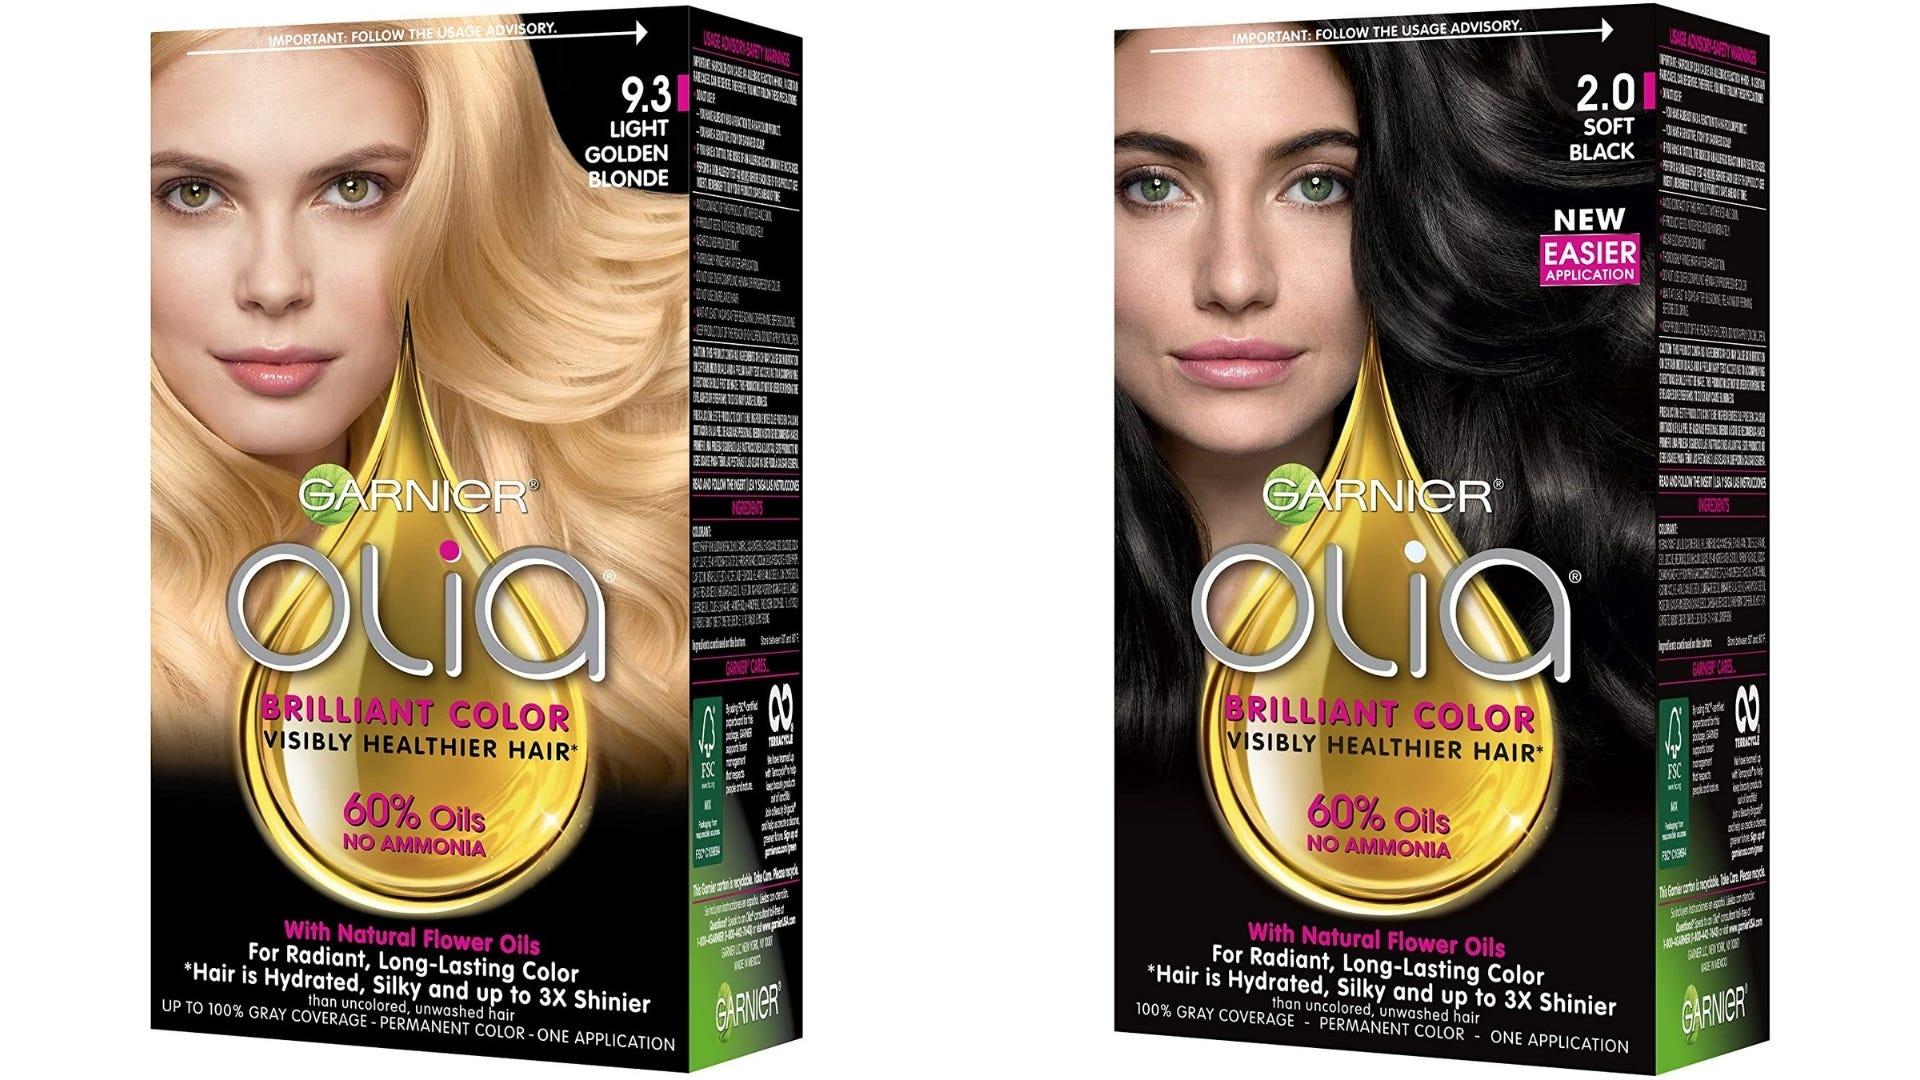 Two boxes of Garnier hair dye